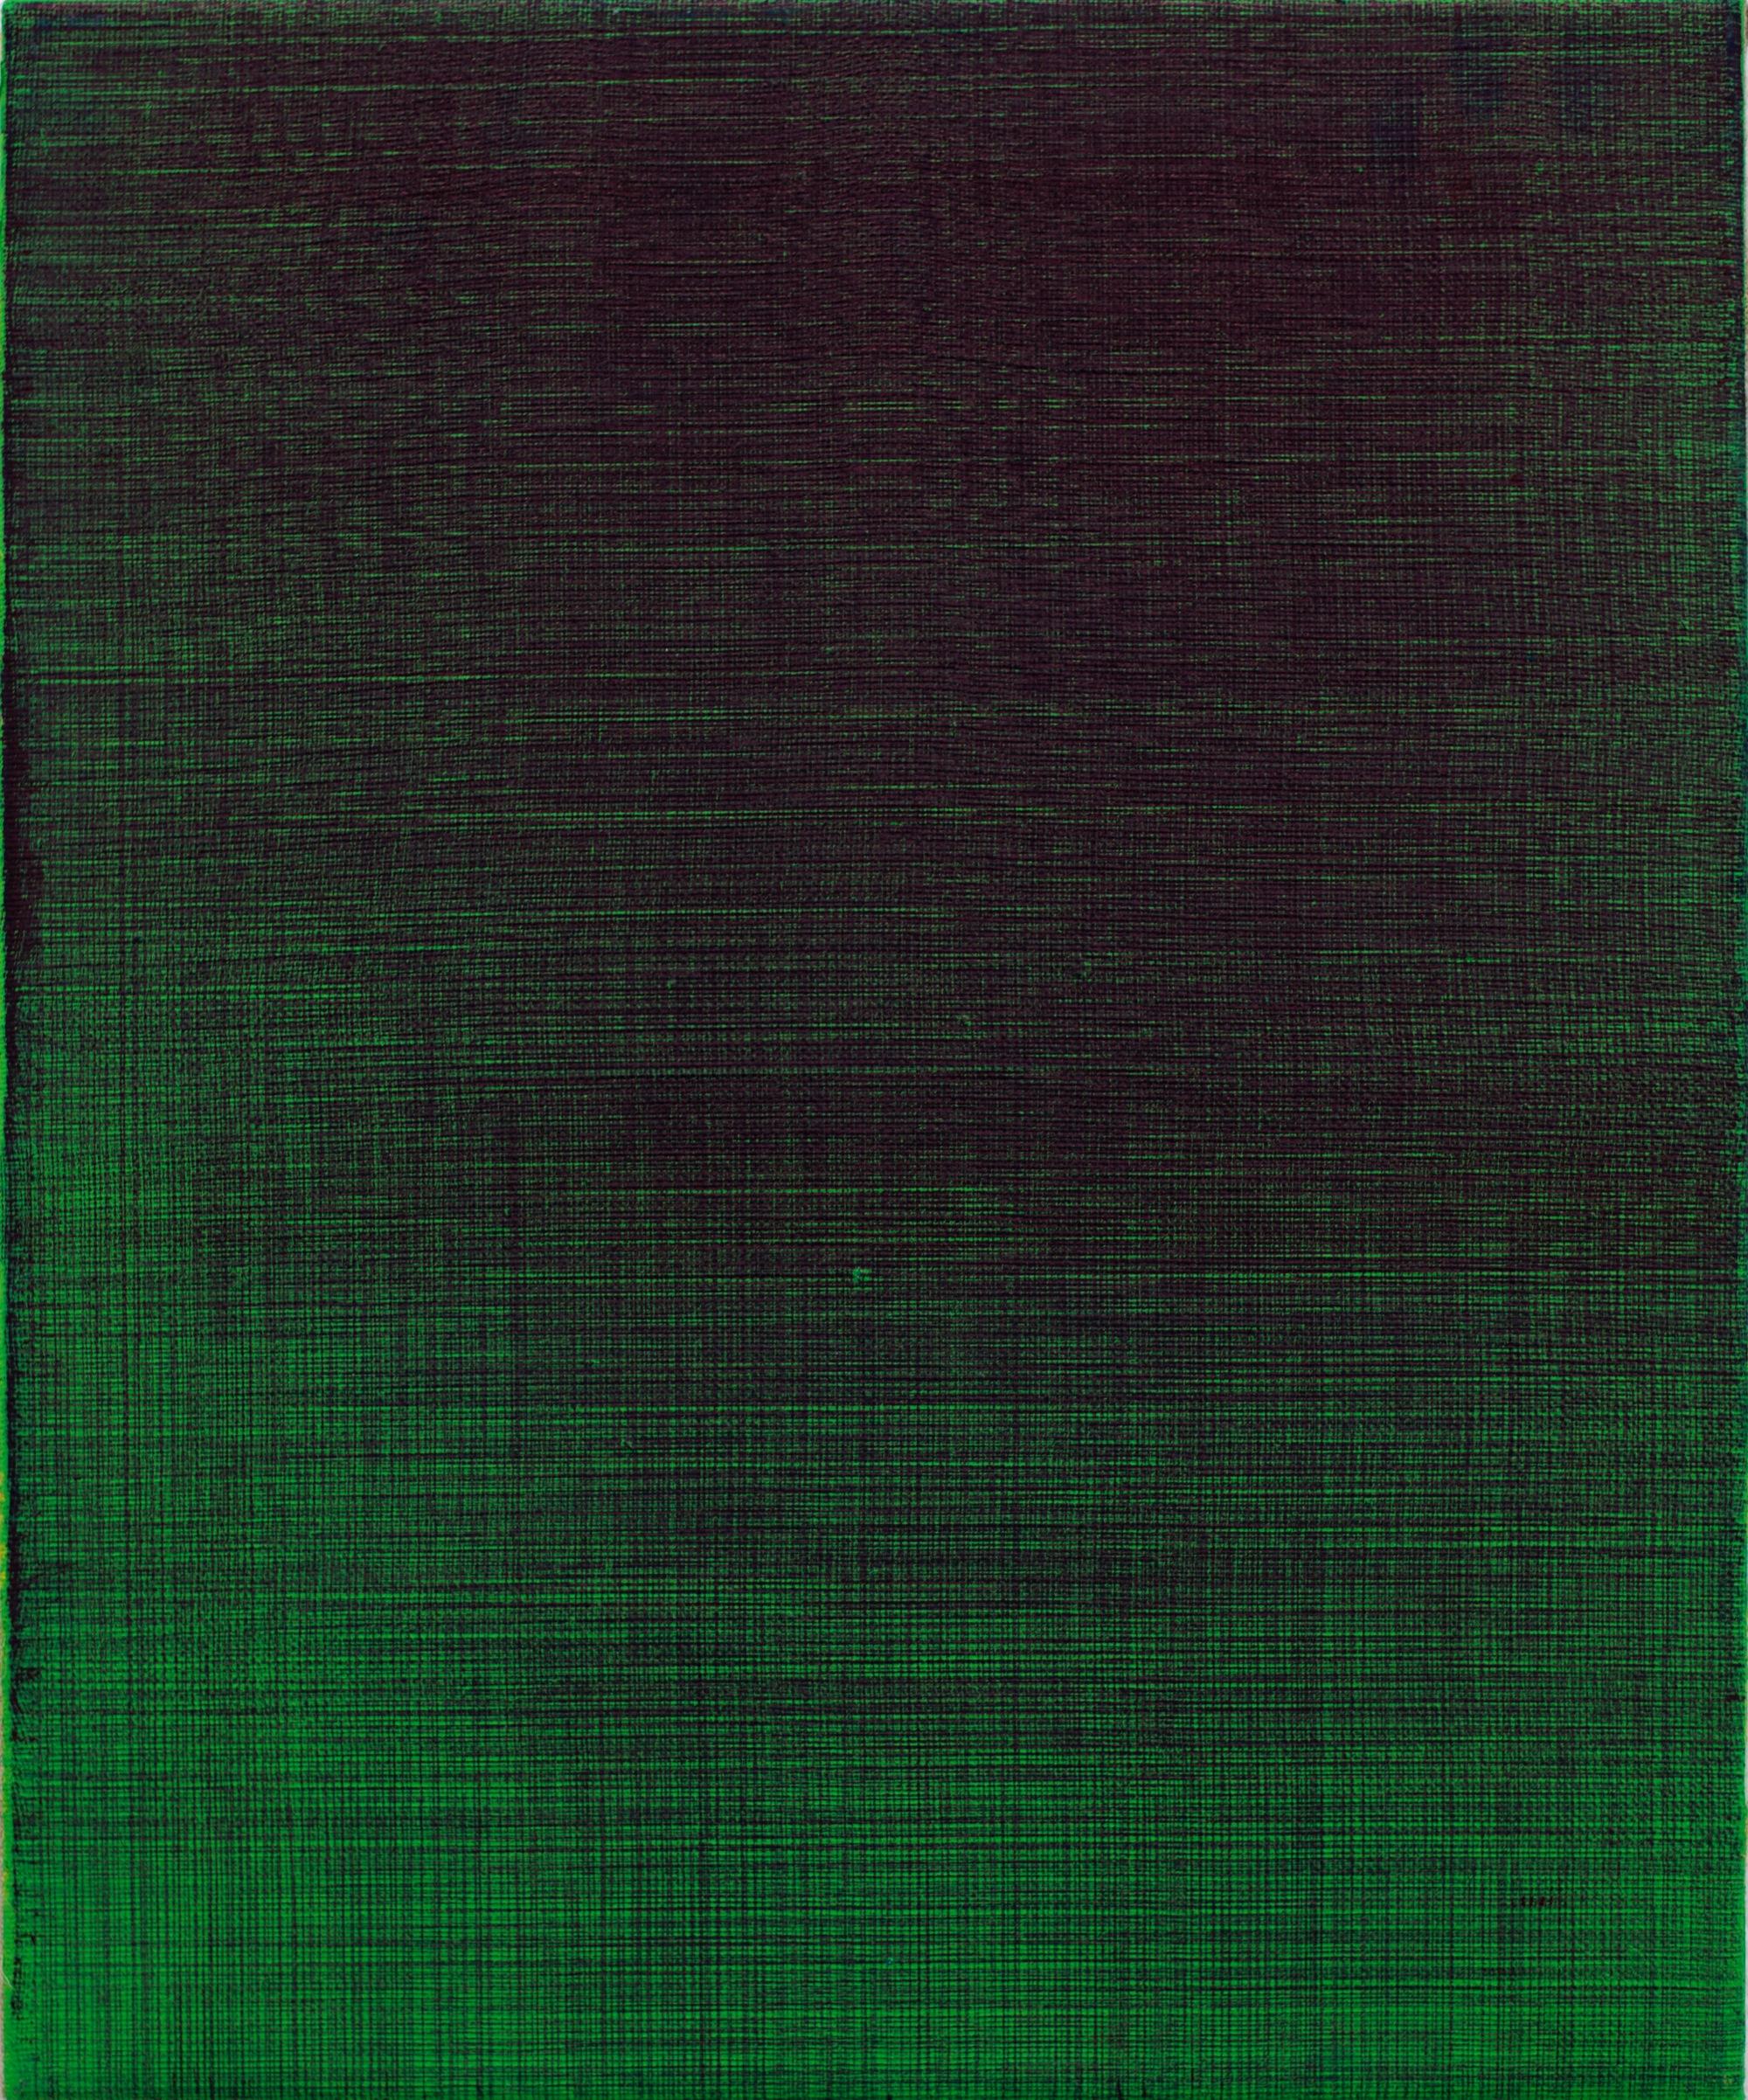 Sebastião Borges - Shorthand monochromesTyget sträcks och bakgrunden förbereds. Det är en avsikt att komma fram till en viss bild, men är bara från en liten skiss som lösningen uppstår.Jag kommer tillbaka till duken, handen rör sig och en linje ritas. Från topp till botten, från en sida till den andra; En ny bild stiger fram och ett raster avslöjas.Linjer över linjer, linjer över trådar i duken.Rutnätet fungerar som en extern given struktur, ett system som kan ge handen möjlighet att arbeta ensam. När klyftan mellan idén och dess genomförande förlängs uppstår en annan uppfattning om temporalitet. Genom målarbete är rationaliteten tömd och jag kan skapa ett avstånd från målningen medan jag målar, för i denna repetitionsprocess skapas en form av alienation och målningen (som målning) upphör att existera. Det är just genom dekonstruktionen av den logiska operationen som en kropp arbetar med sinnet frånkopplat från handlingen.Med förståelsen för dess repetition och mekaniseringen av en gest, gallret flätas in i målningens yta.I illusionen av monokrom avslöjar fibrer sig själva.Och i det gröna lyser det röda